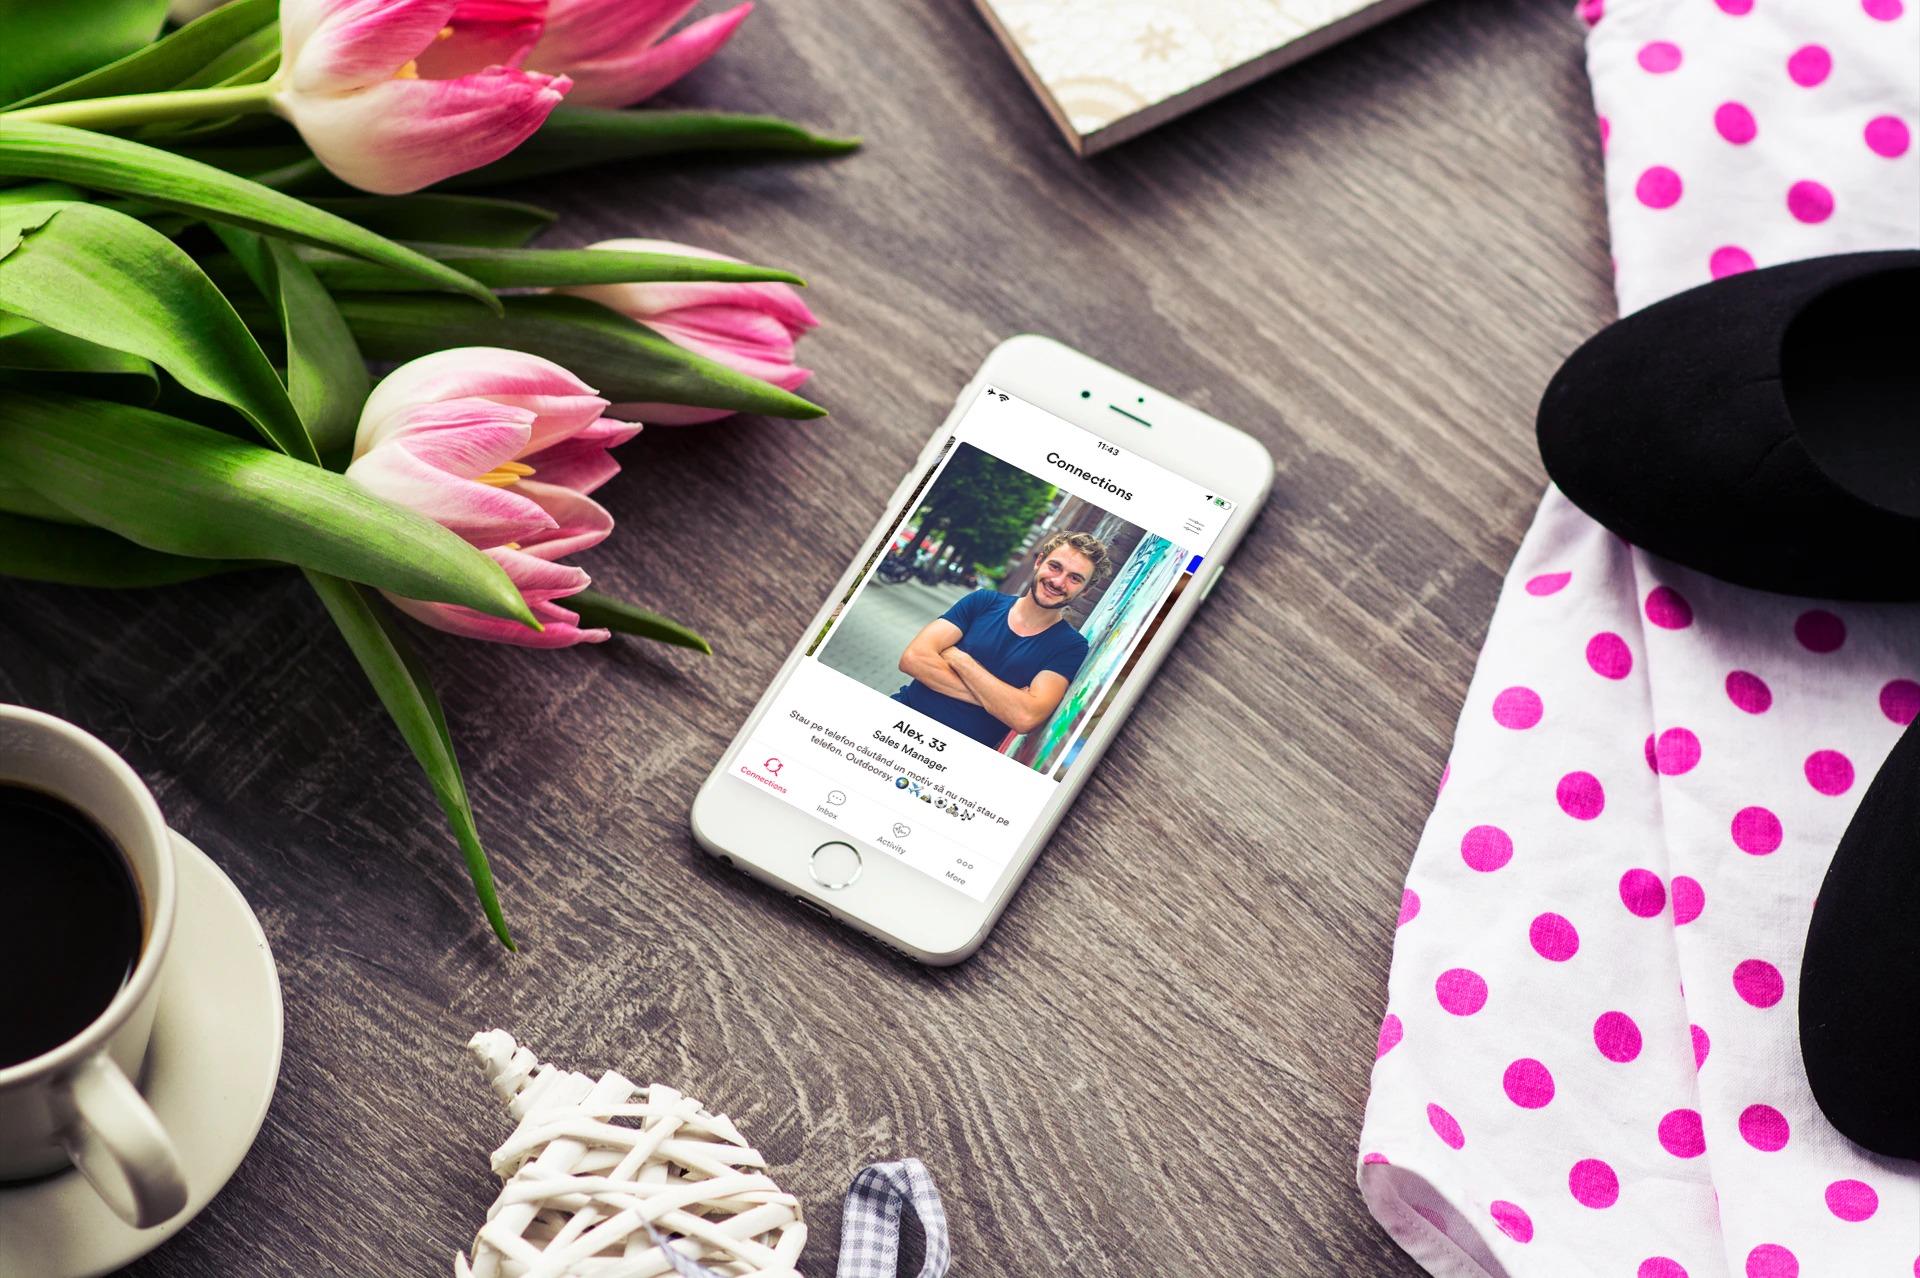 entrigd dating app